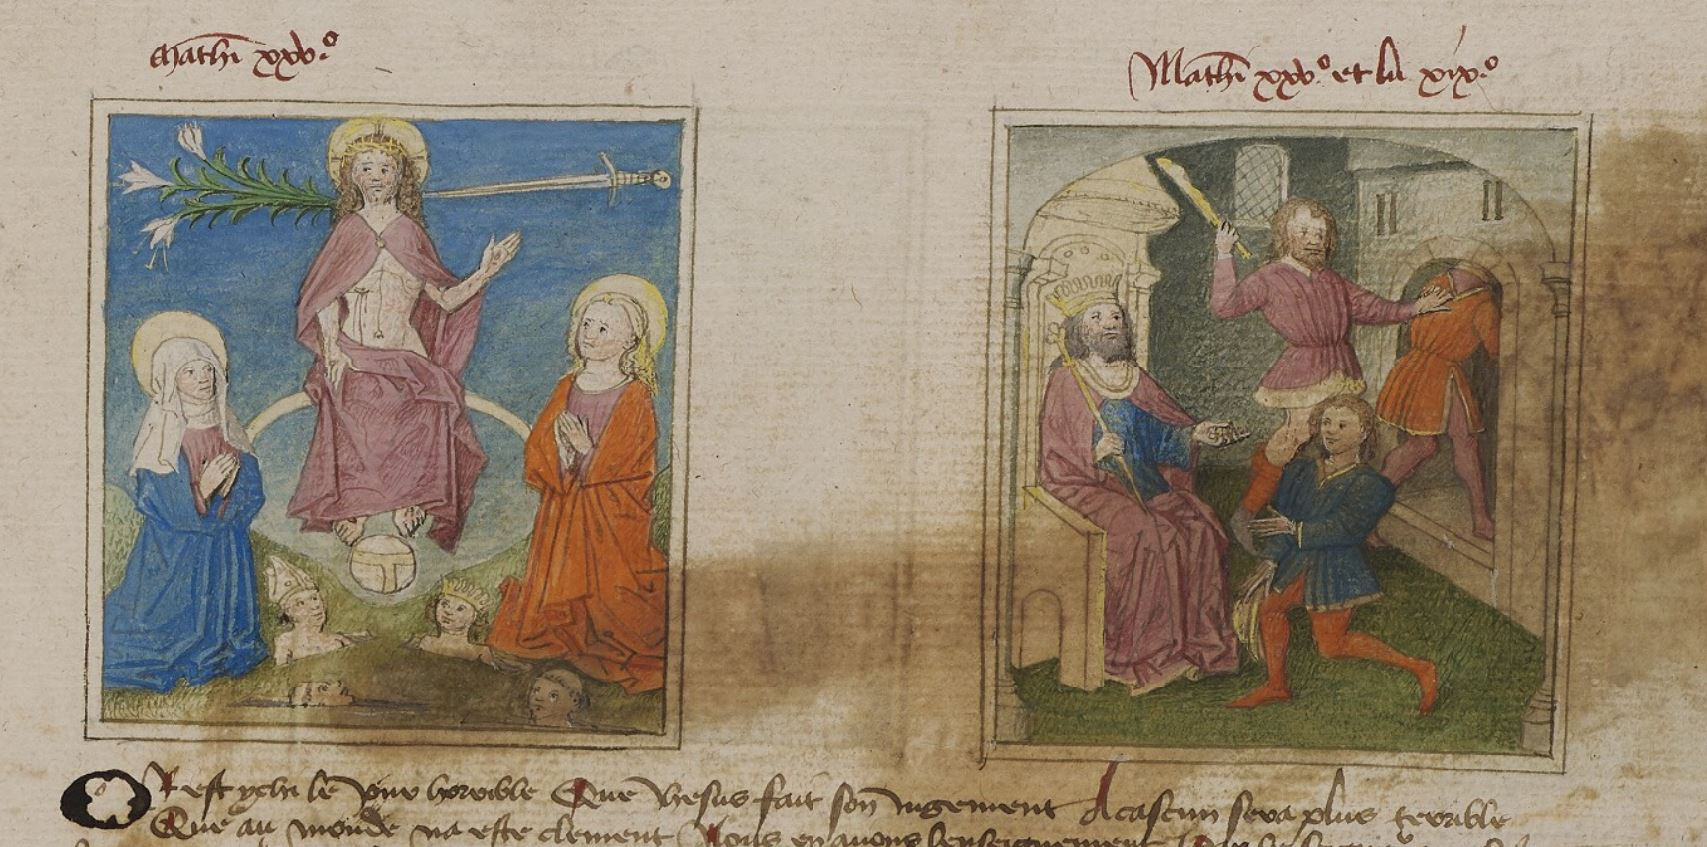 Speculum humanae salvationis 1450 ca Saint-Omer Bibliothèque municipale 183, fol. 40r